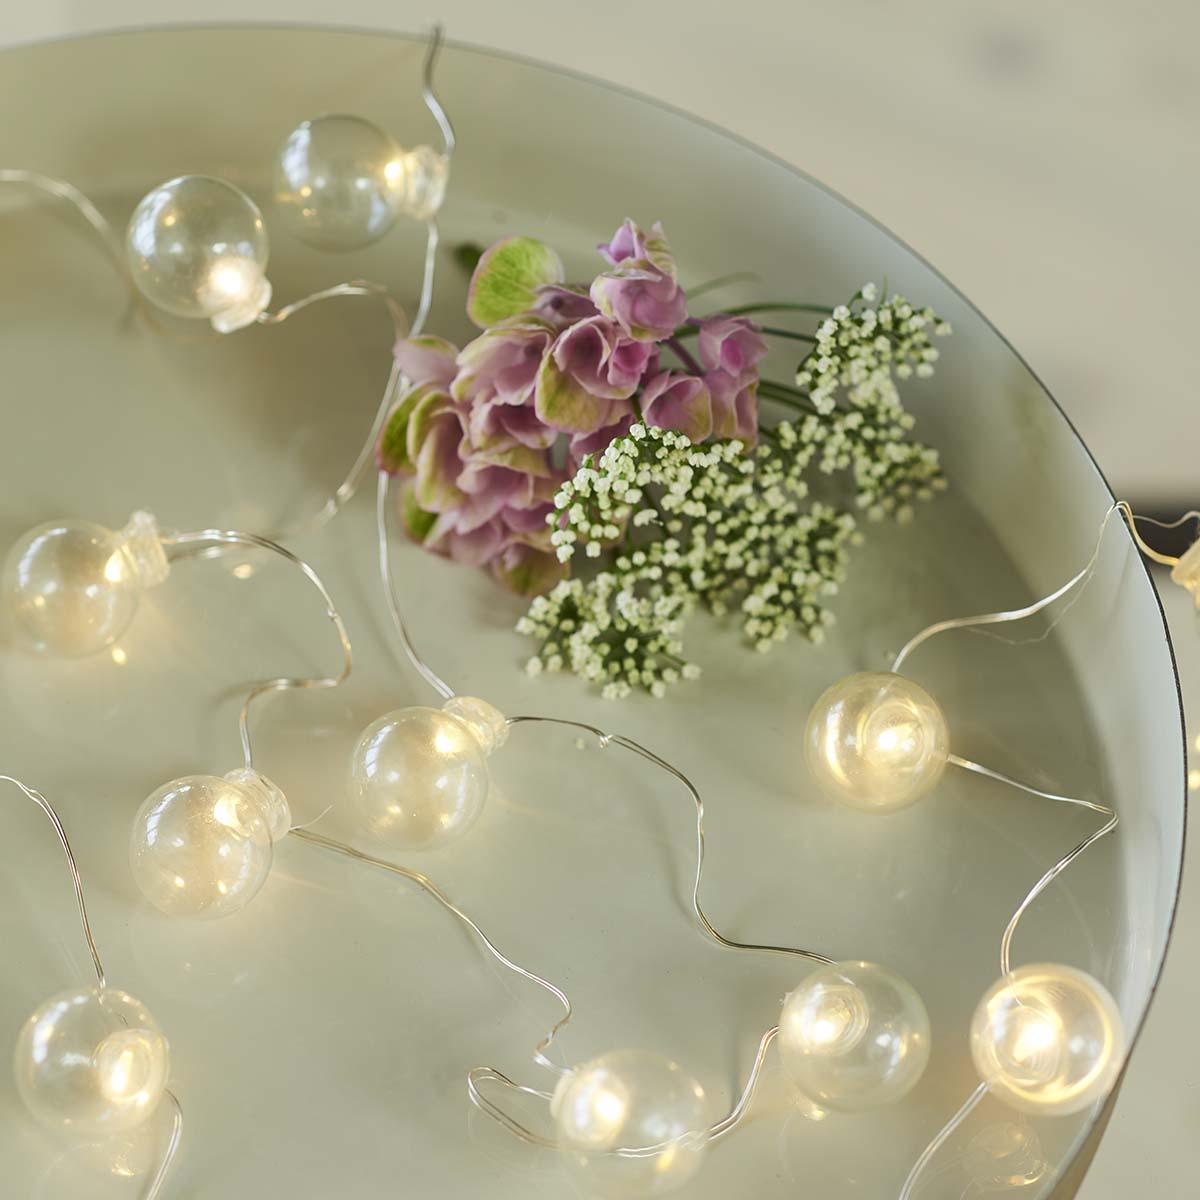 Guirlande lumineuse IO 20 LED ampoules verres claires